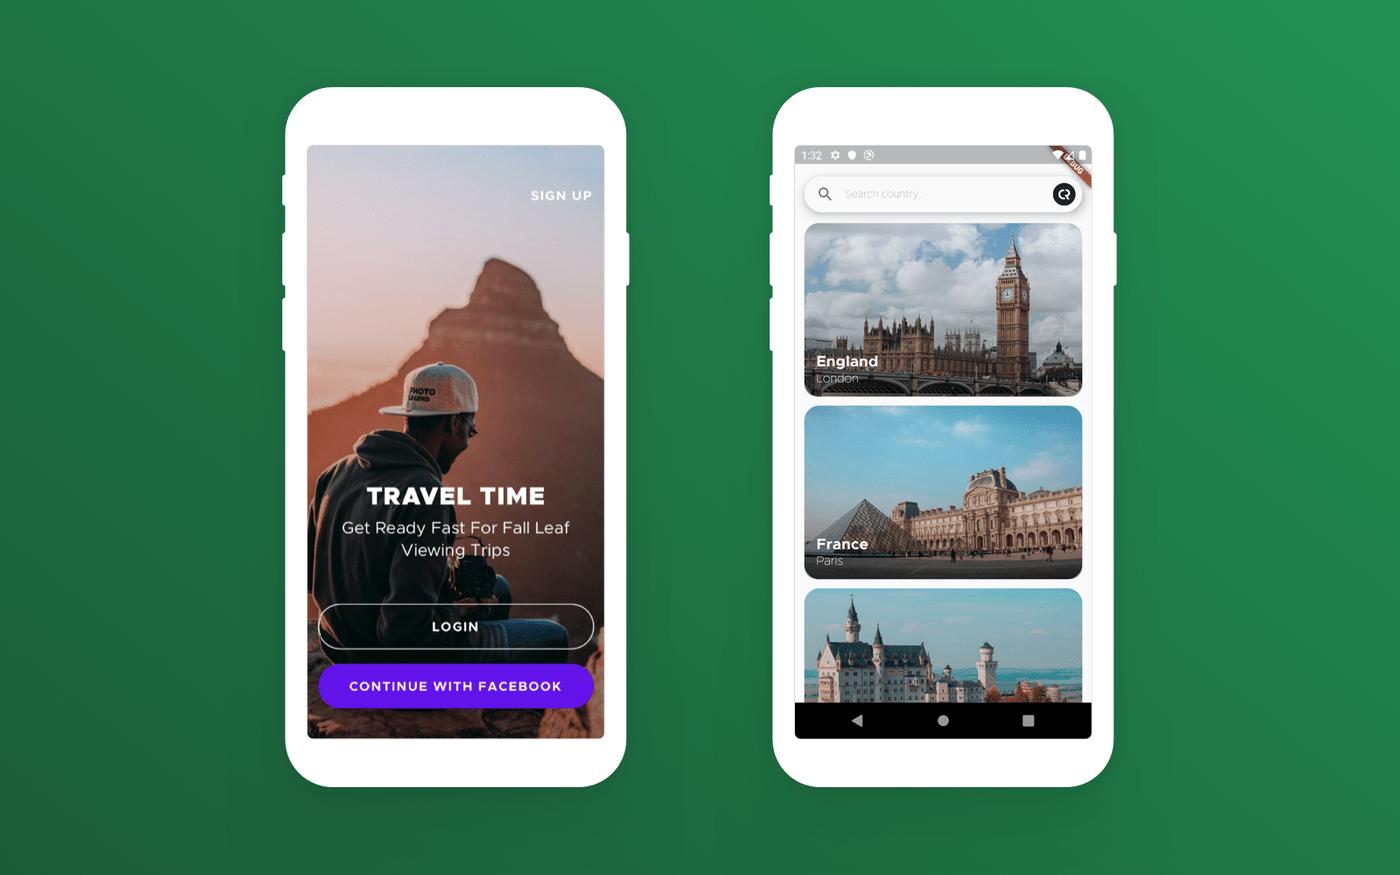 Flutter travel app